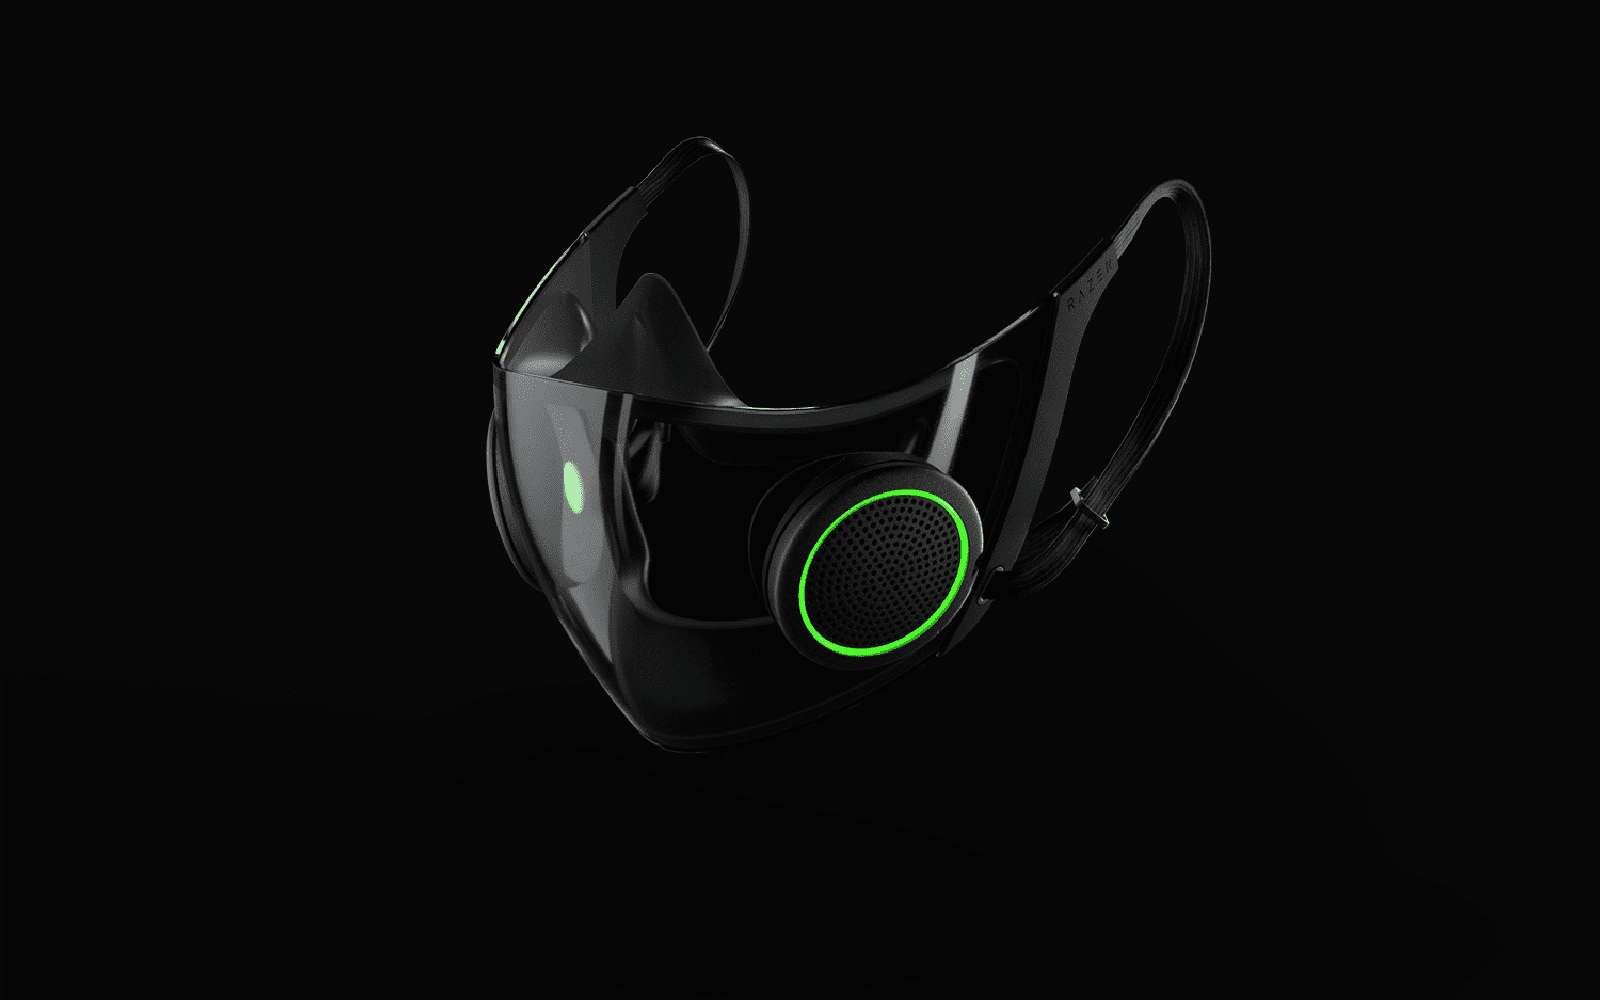 Les marques de high-tech dévoilent leurs masques anti-Covid connectés et intelligents. © Razer